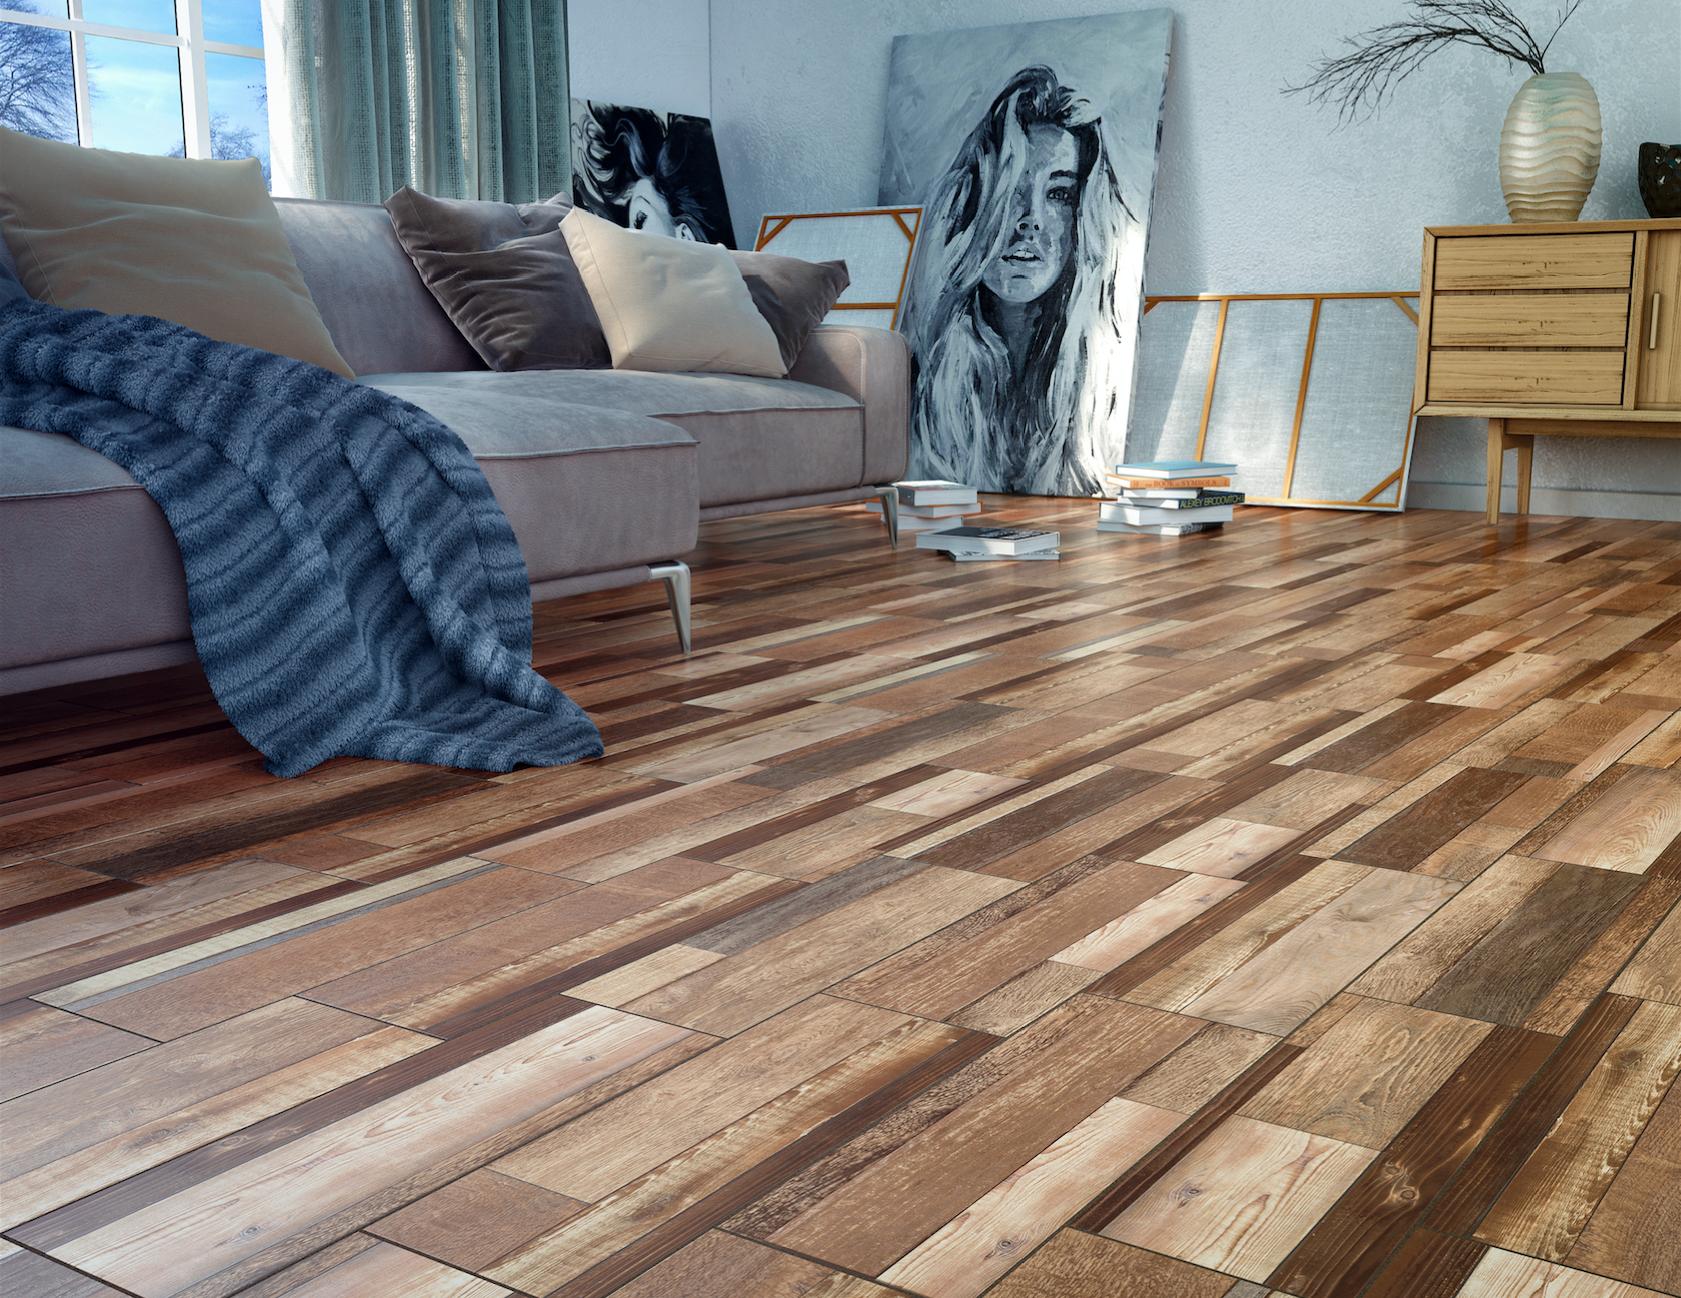 Piso legno 18x50 café 0.99m2 daltile | Pisos, Increíble y Vistas